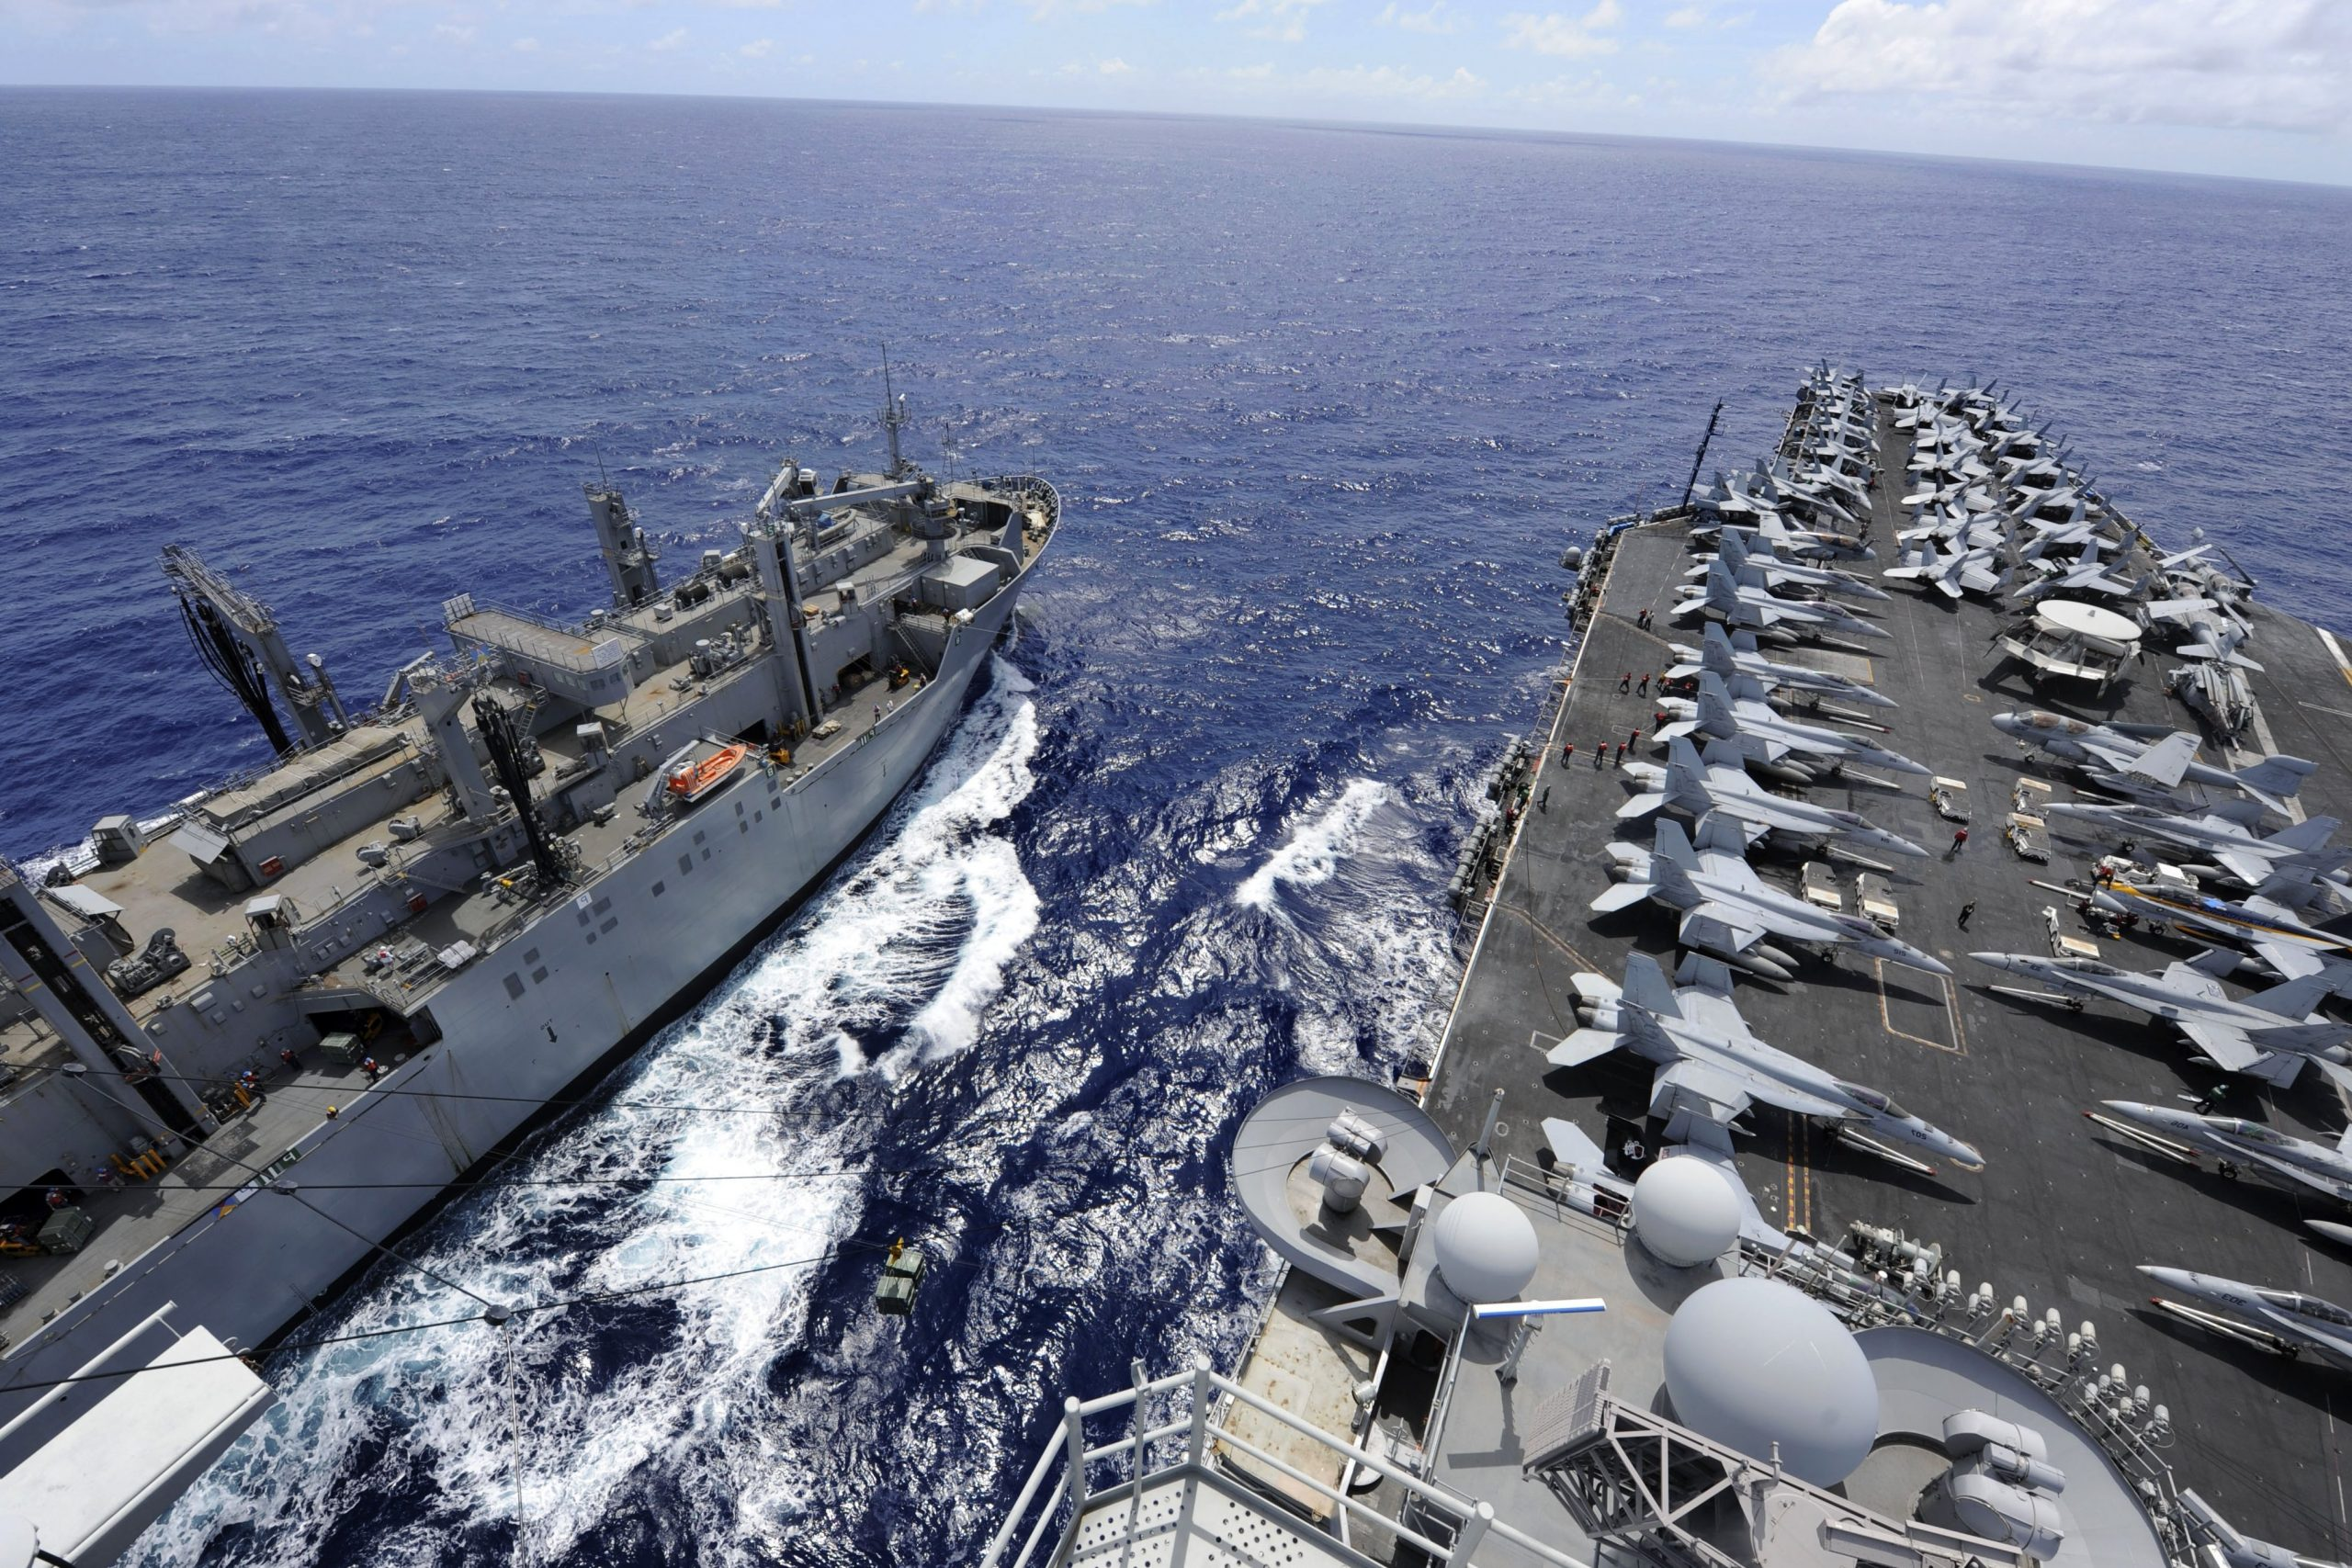 Hiszpania nie wpuściła rosyjskich okrętów wojennych do swojego portu